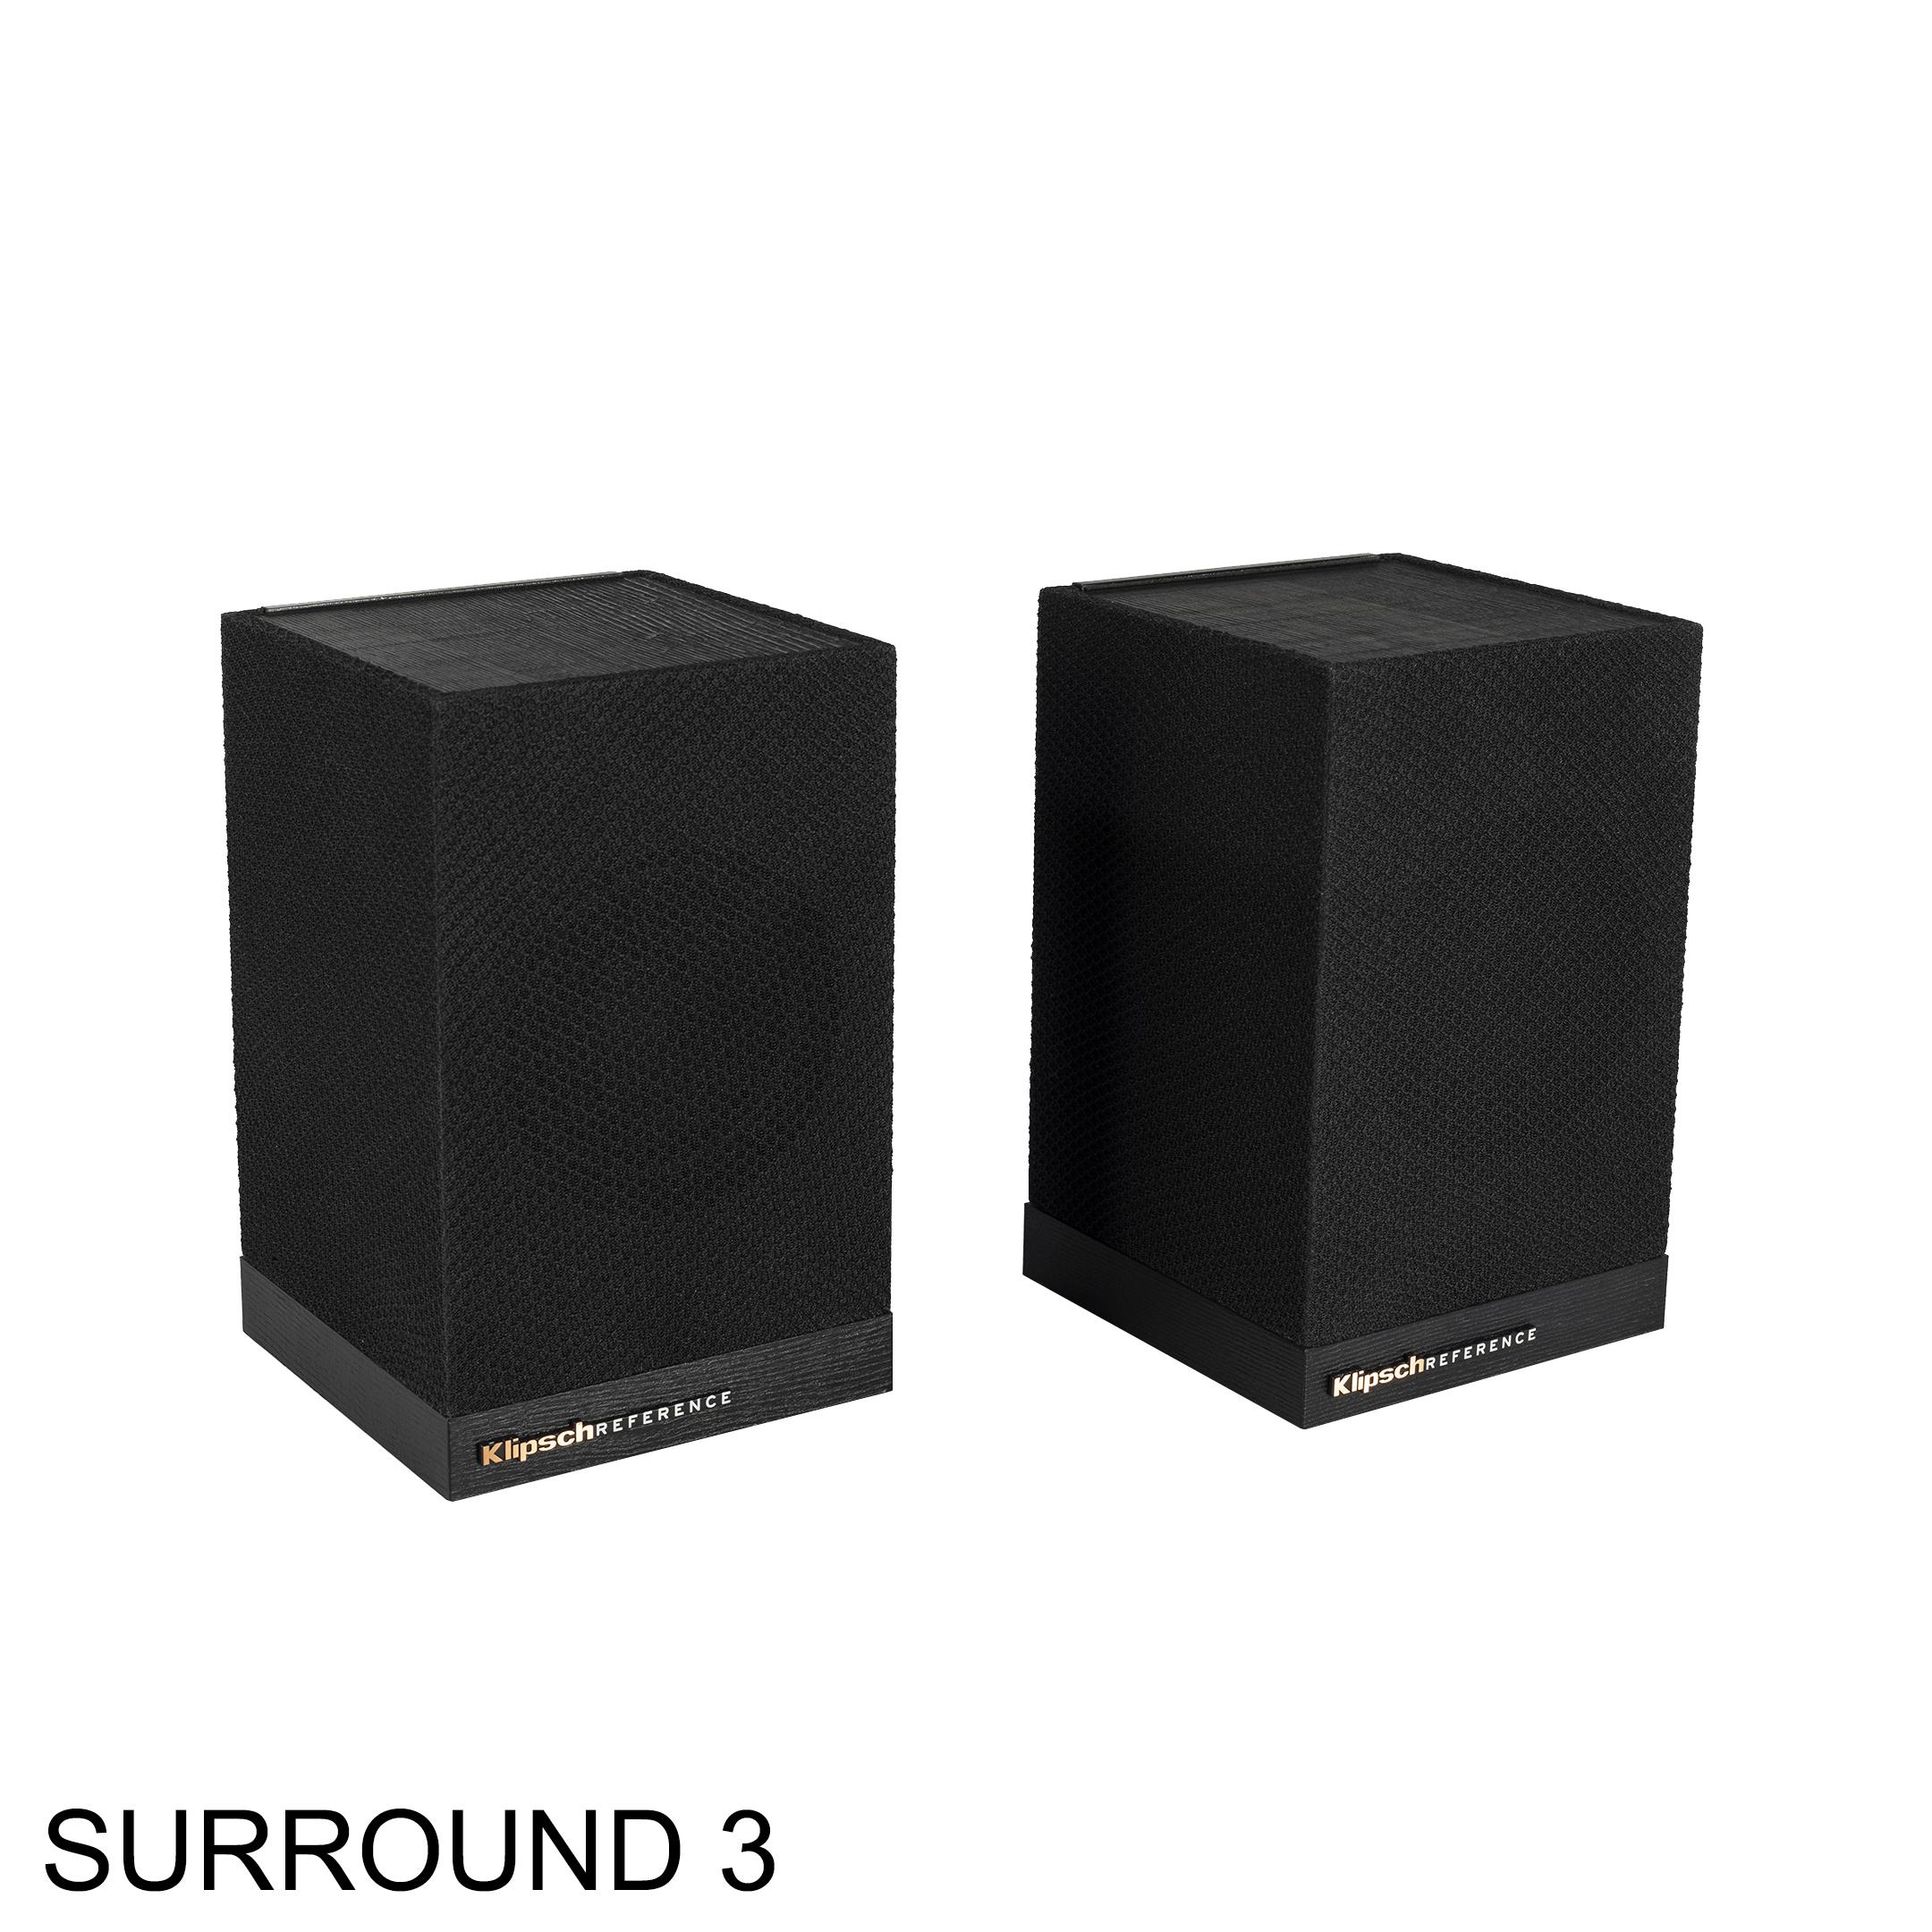 klipsch wireless surround sound speakers